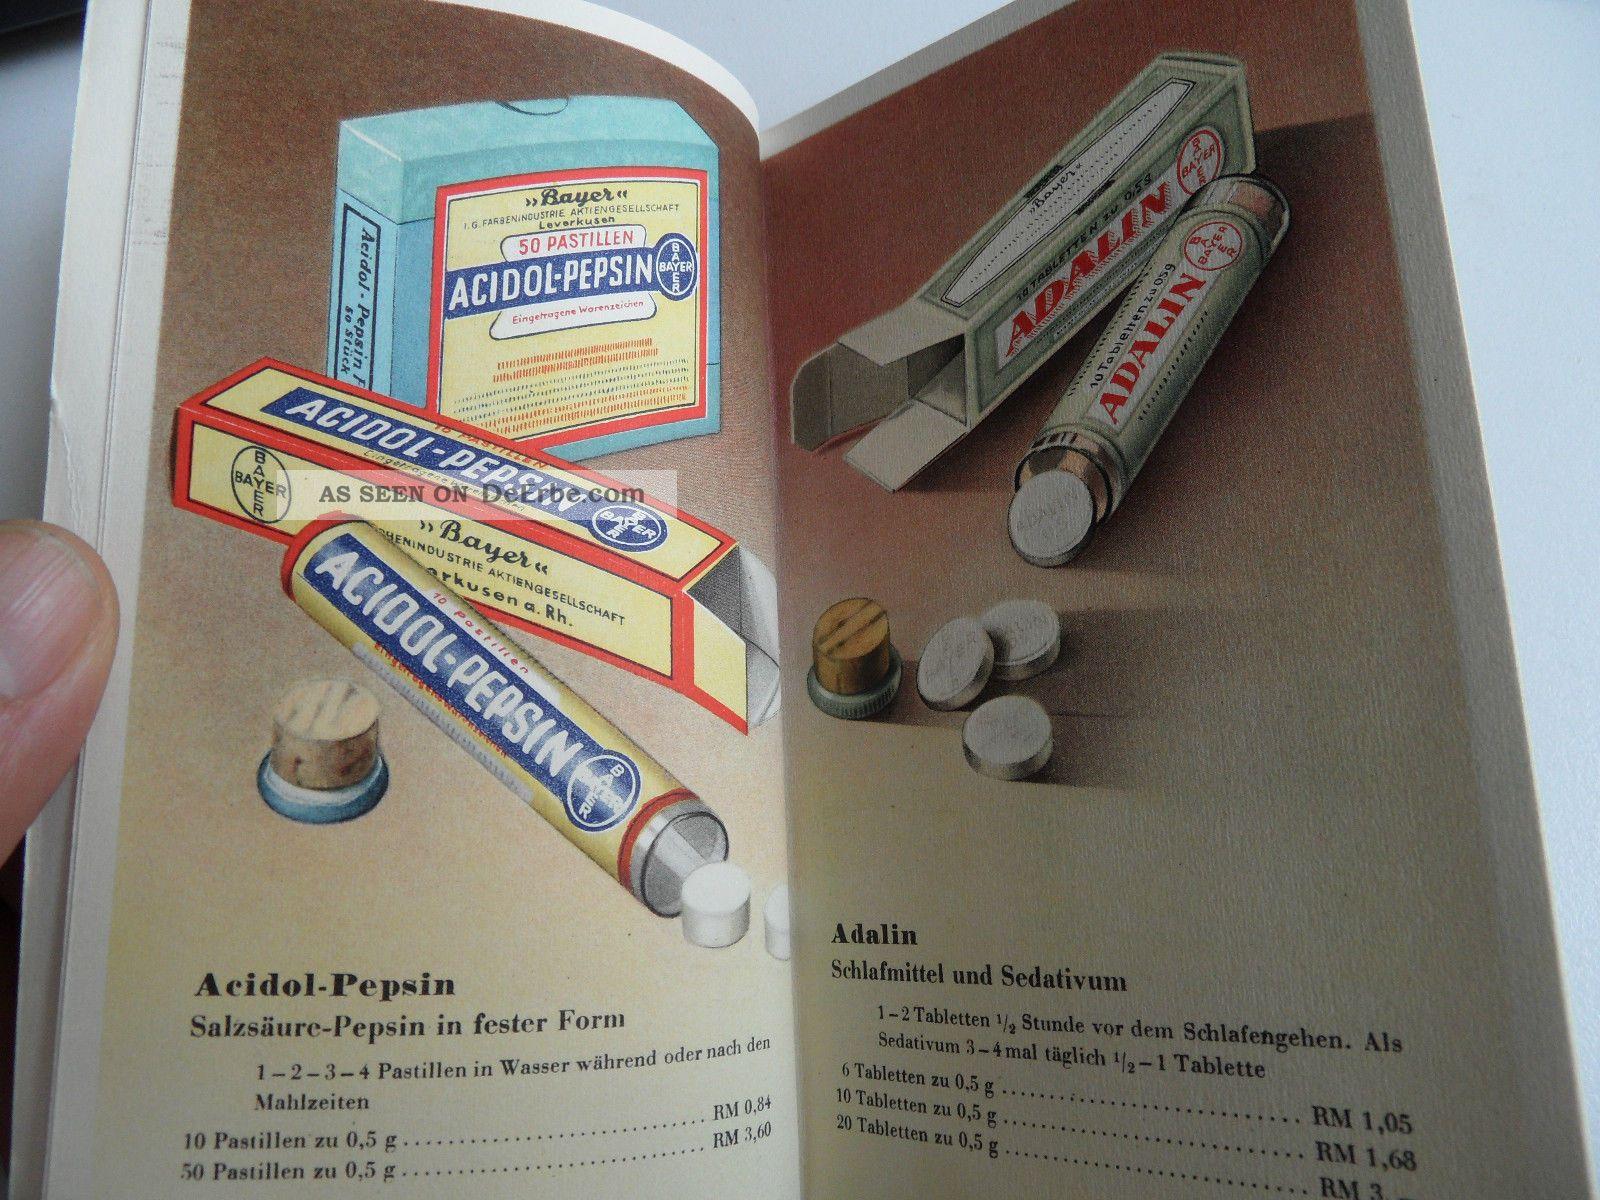 Altes Heft Der Fa Bayer Ca 1930 Abbildungen Wichtiger Bayer Präparate Arznei A - Z Arzt & Apotheker Bild